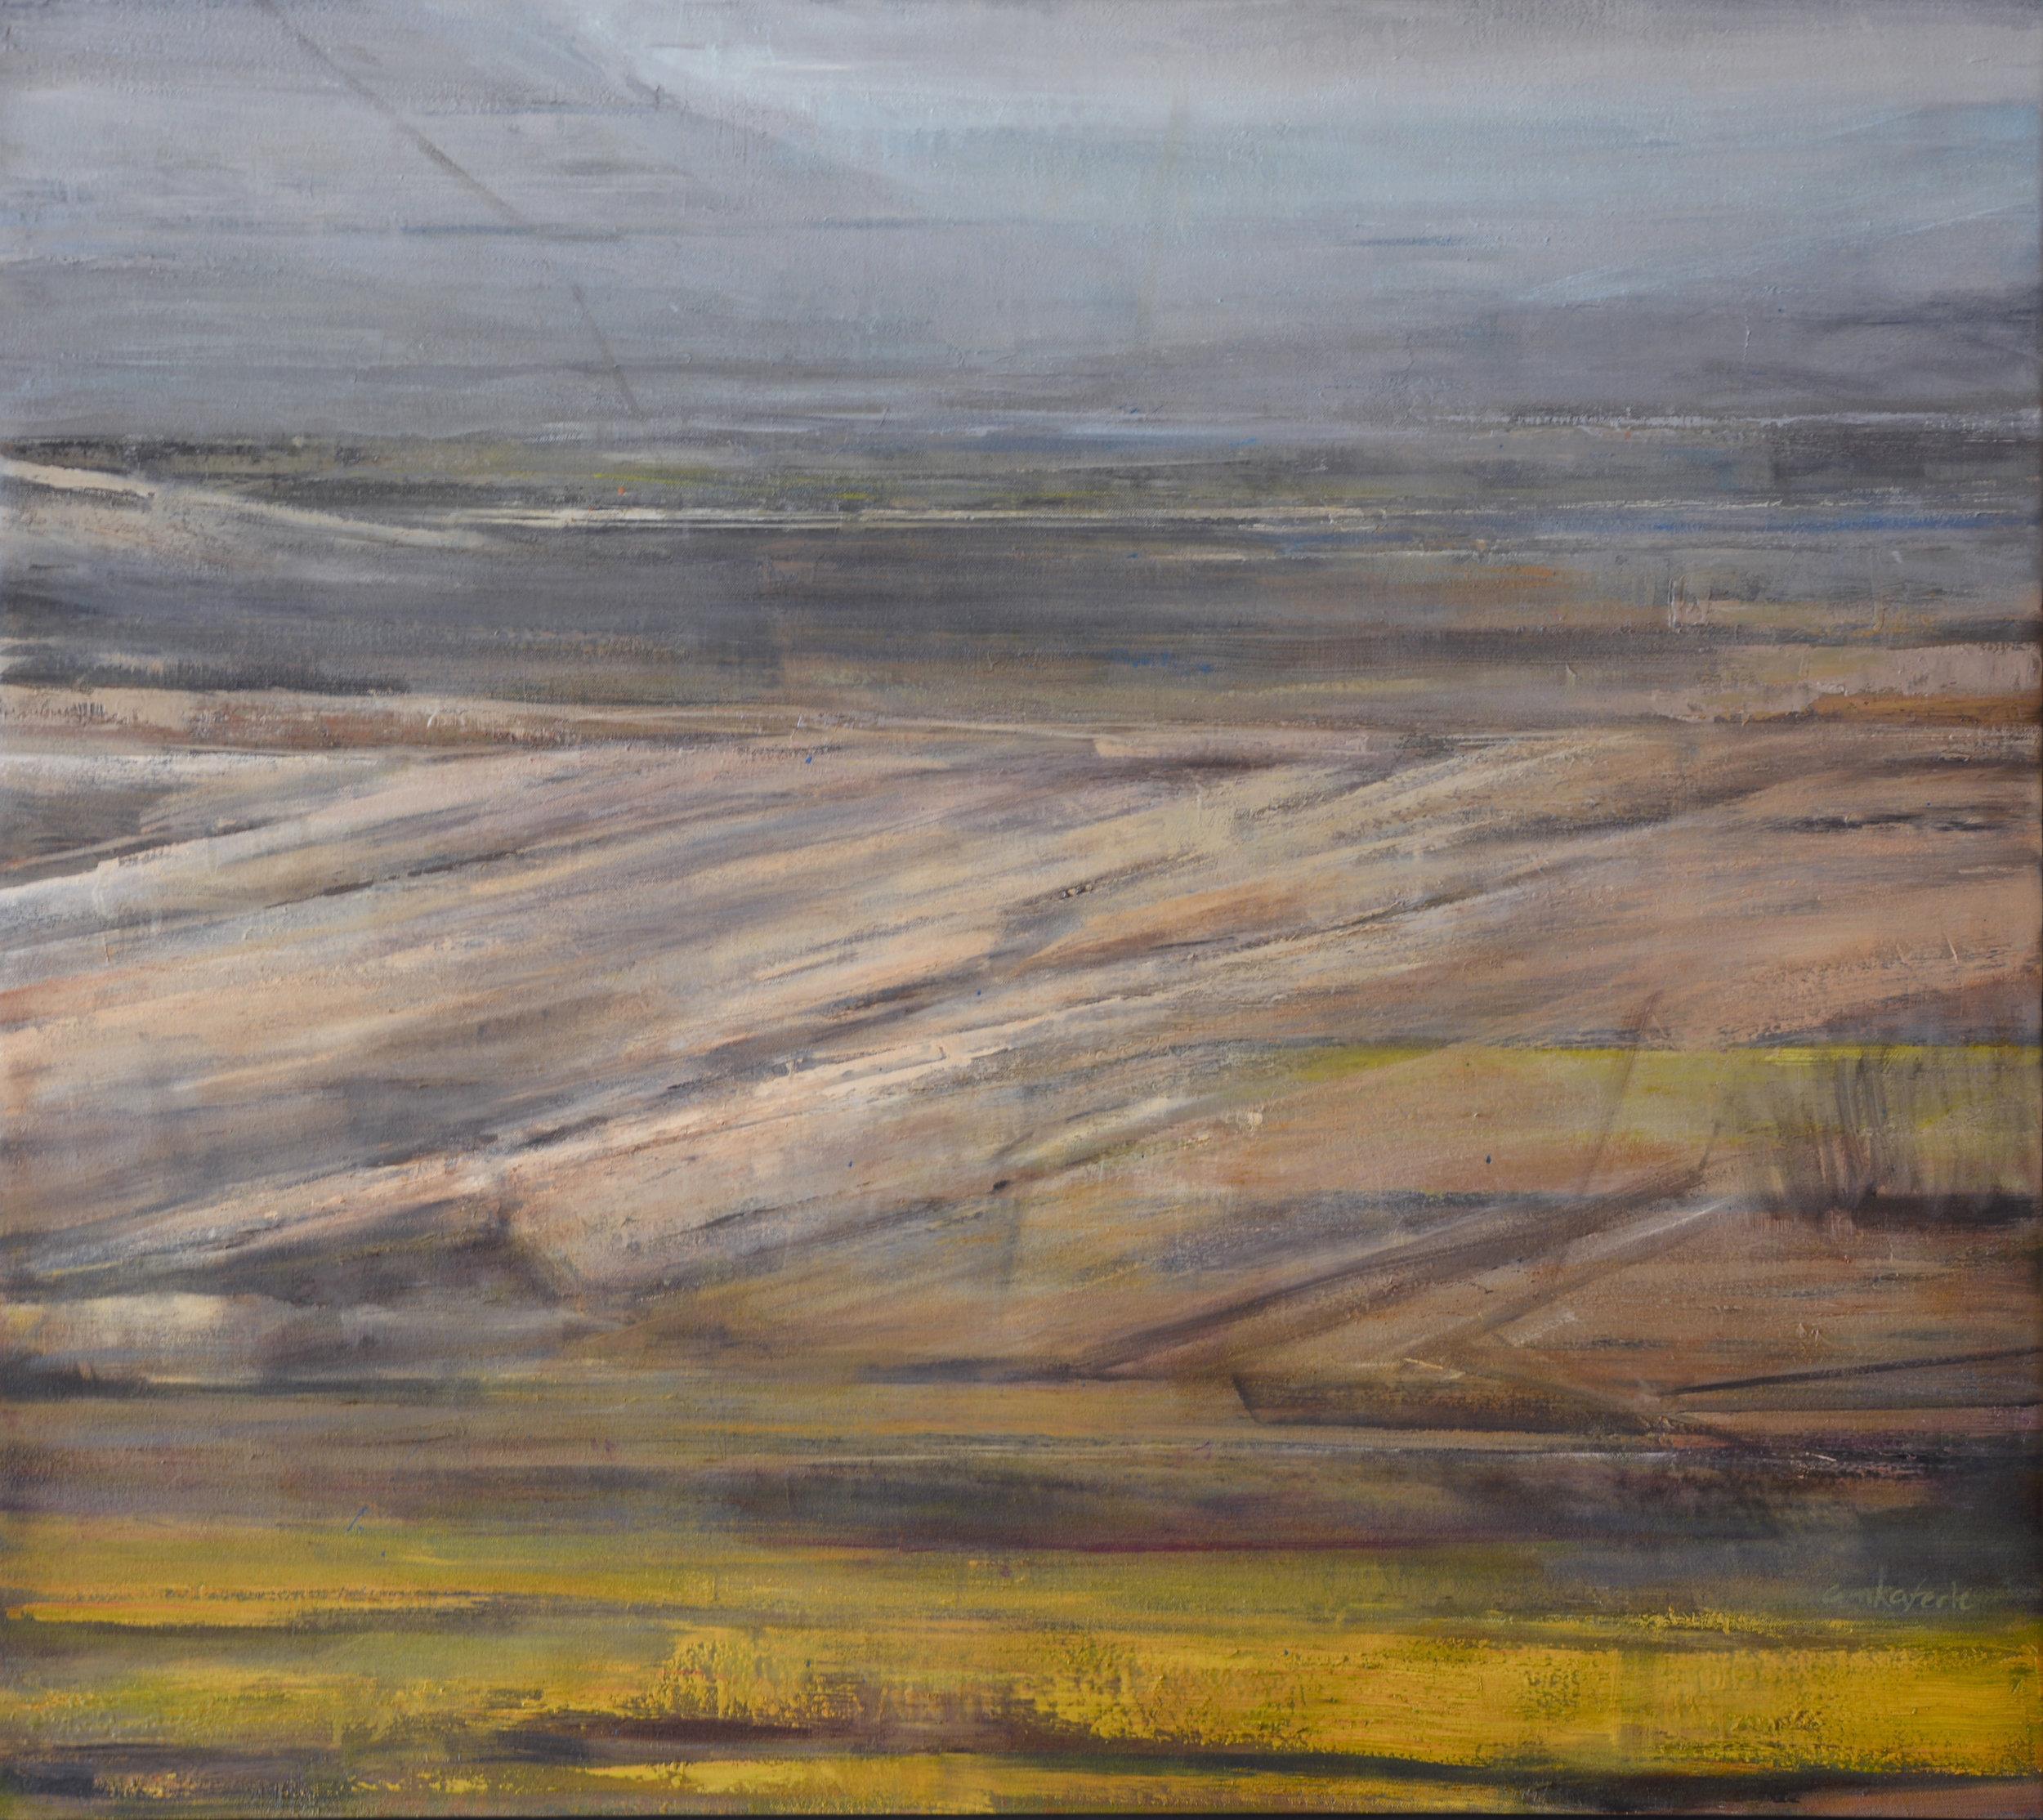 """Oljeto   oil on canvas  36 x 32""""  2014"""